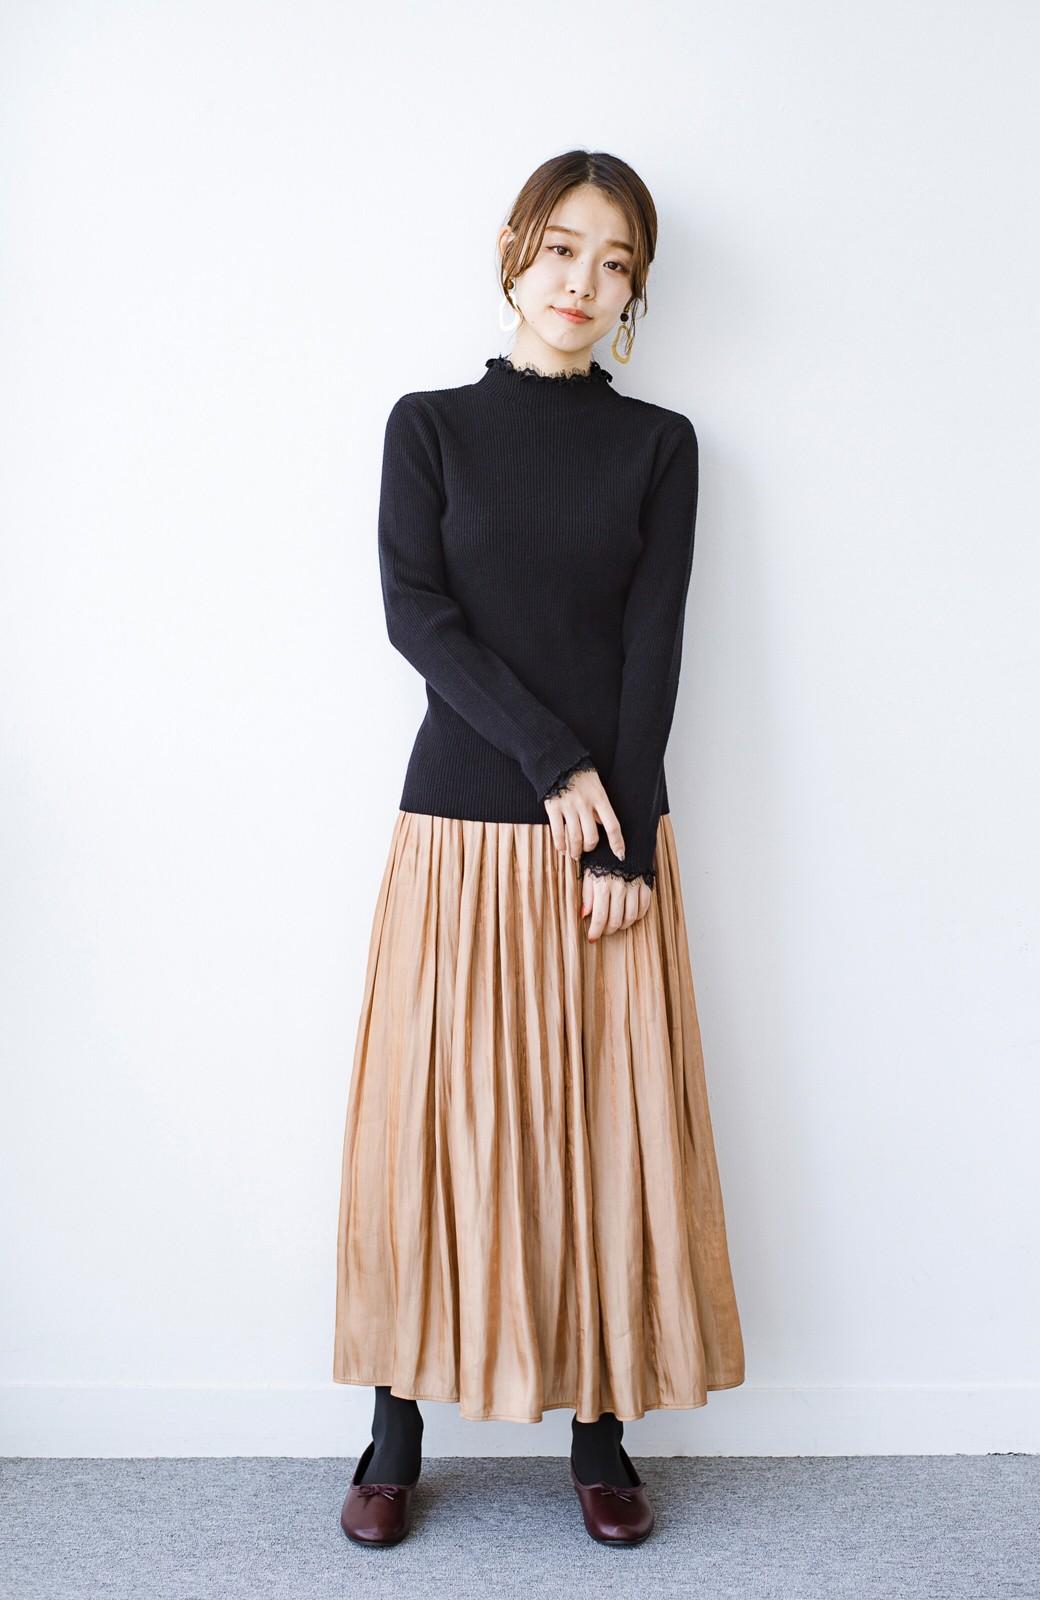 haco! 1枚でも重ね着でも便利!合わせやすくてかわいげを足せる 衿レース付きニットby style zampa <ブラック>の商品写真10